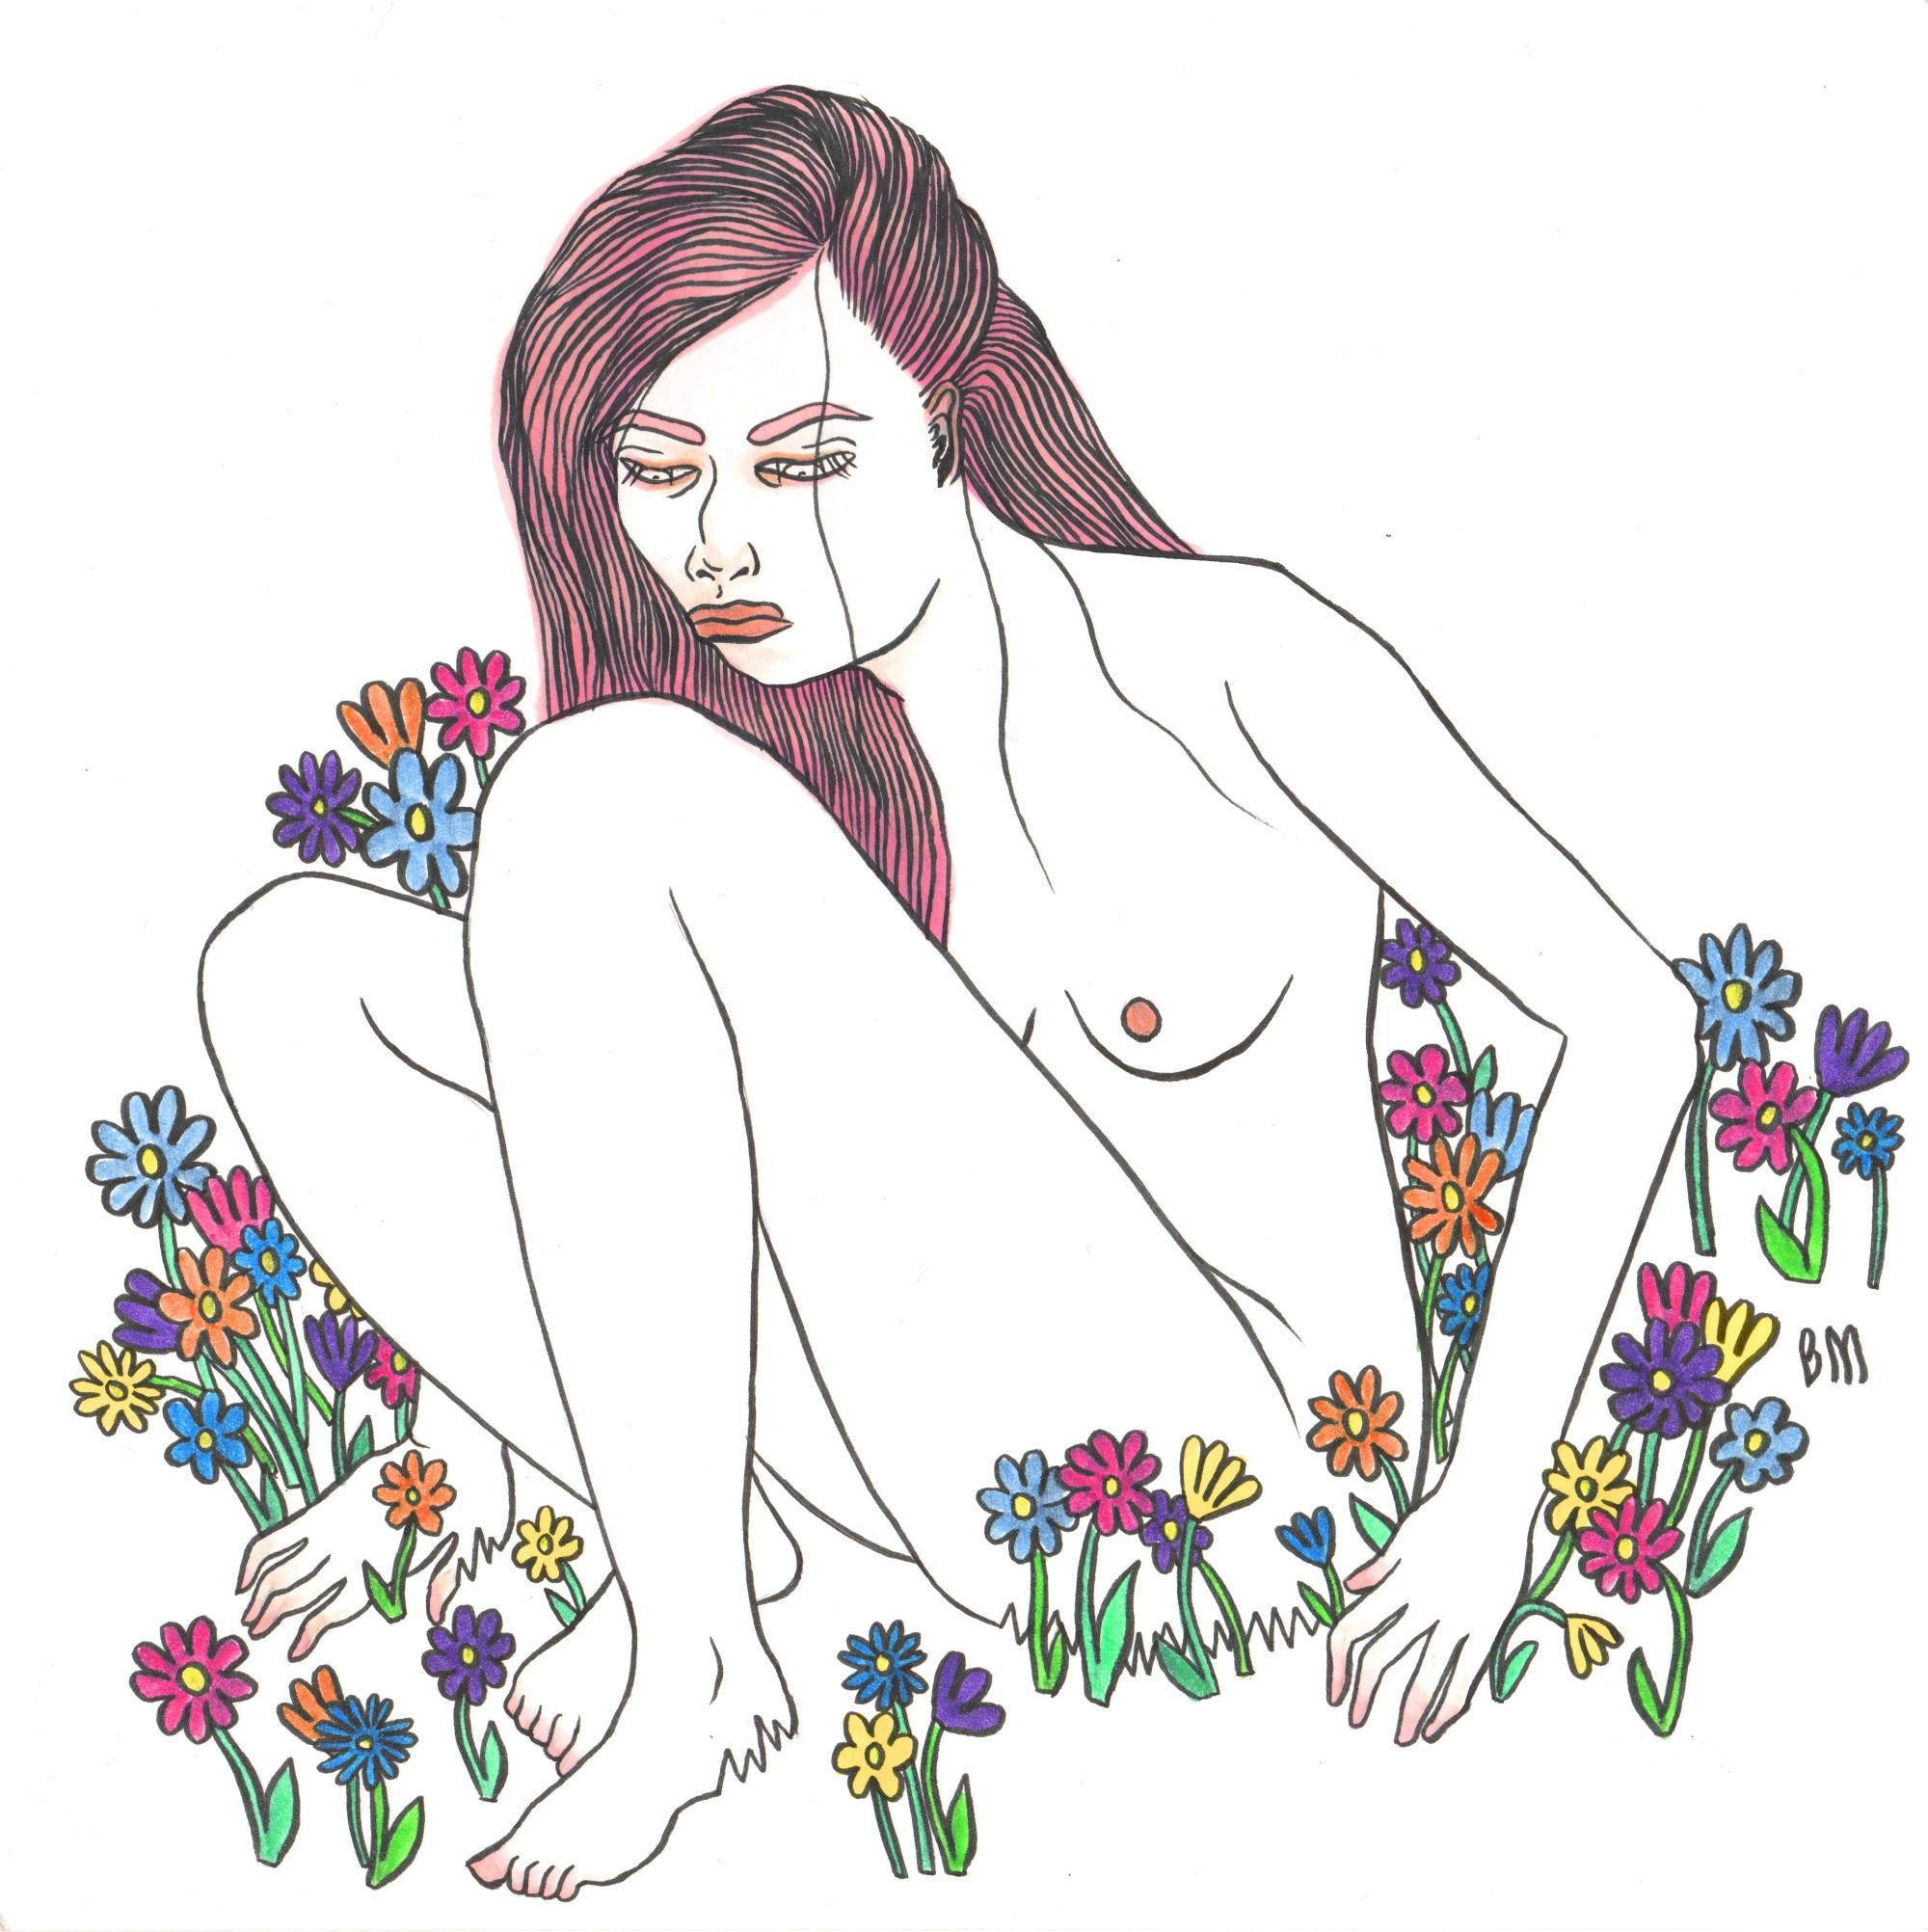 woman-1_2000.jpg